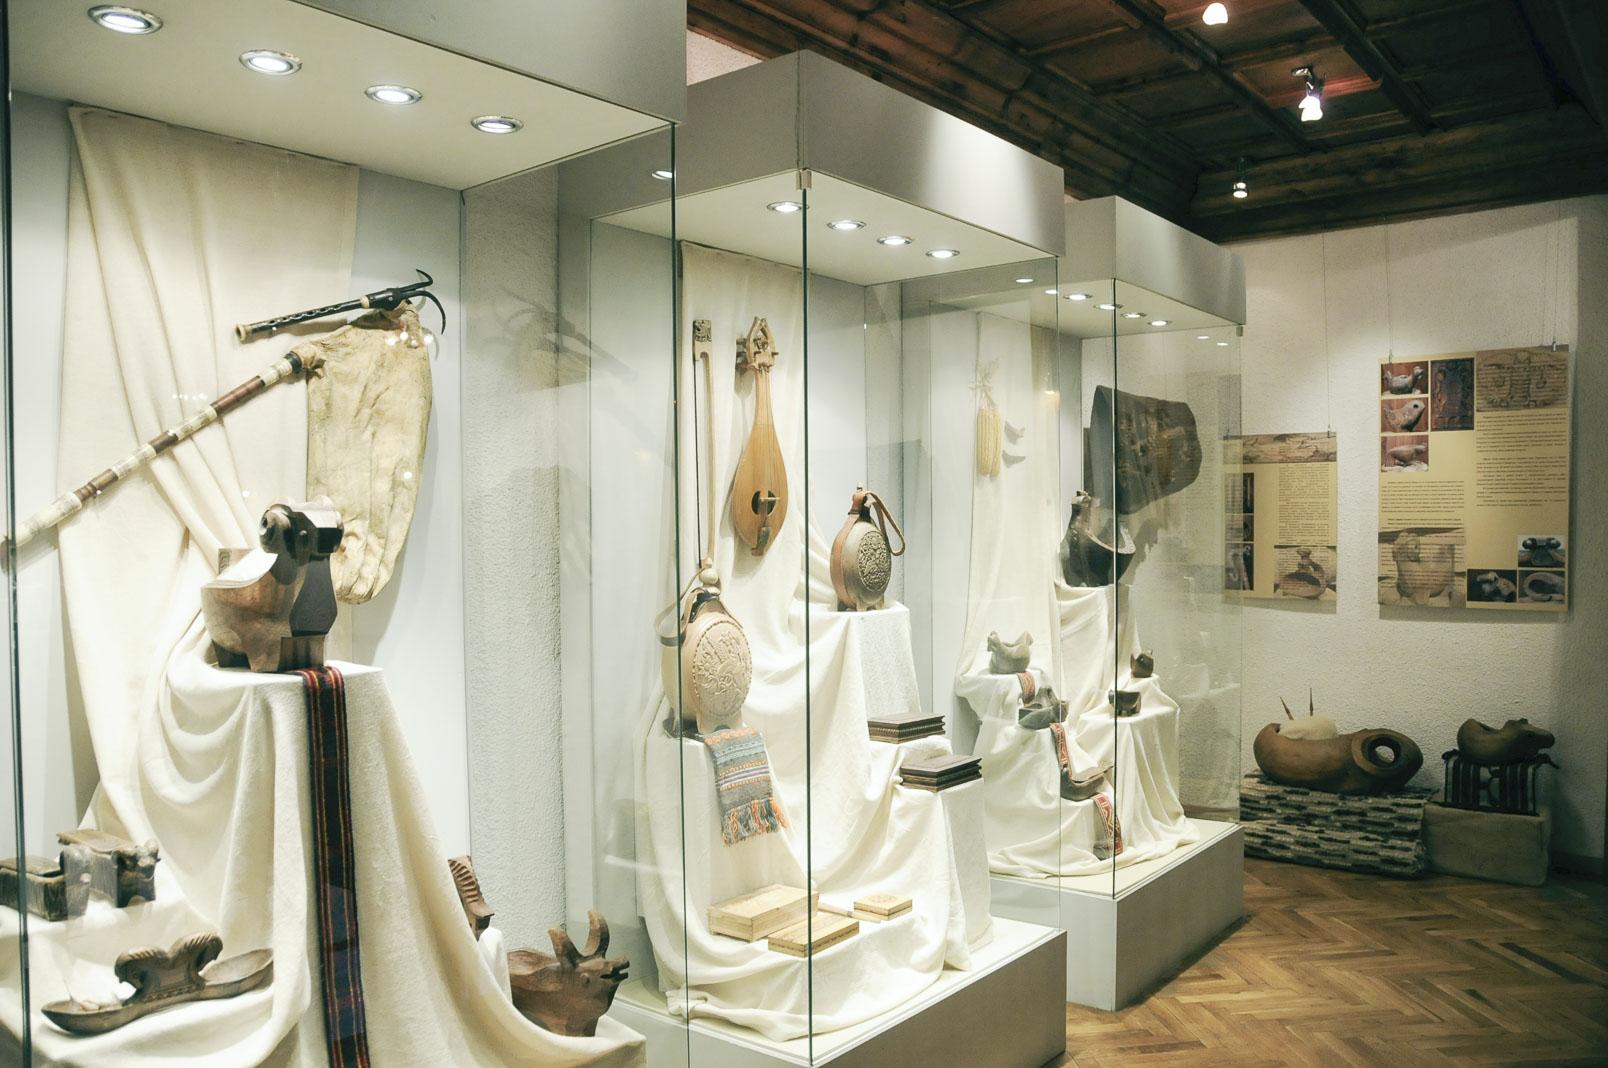 troyan-museum-kak-ojivqva-dyrvoto-1